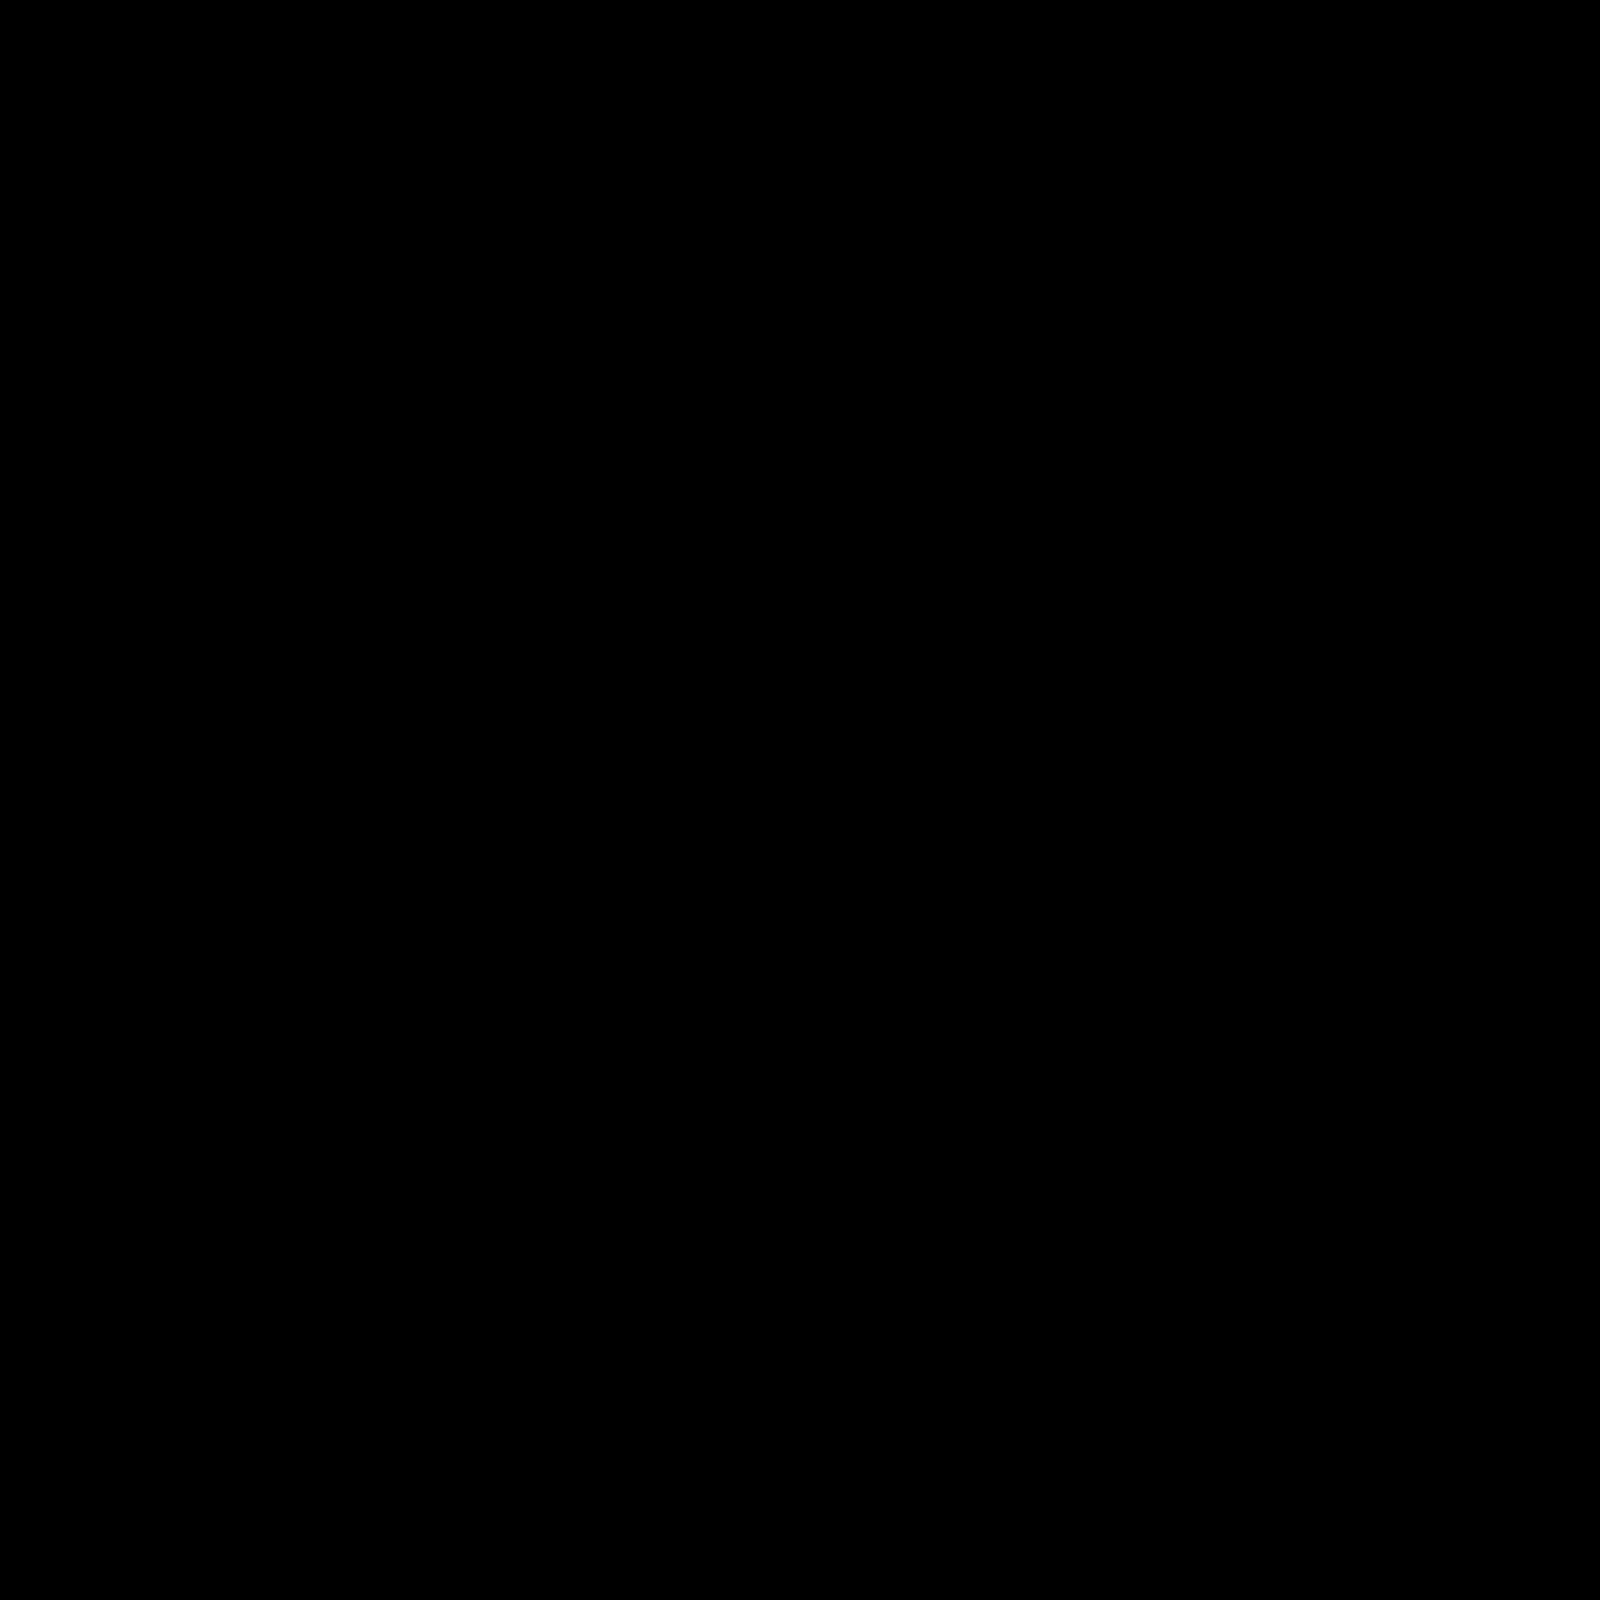 Wstaw kolumnę po prawej icon